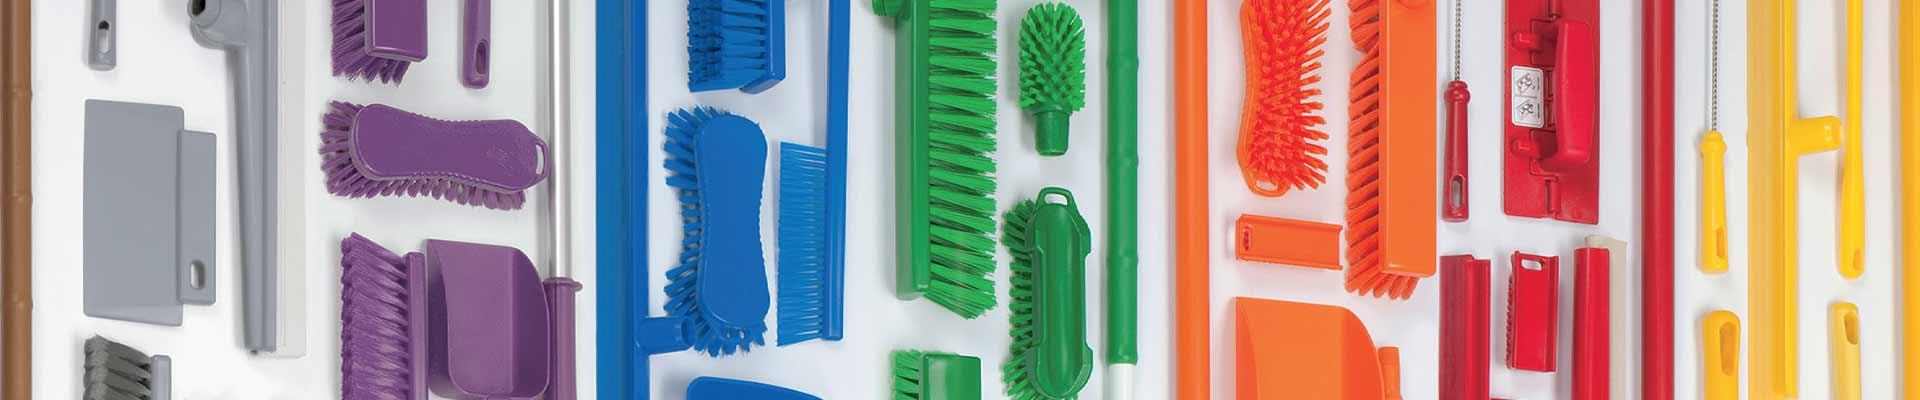 FBK - vrhunski alati za čišćenje